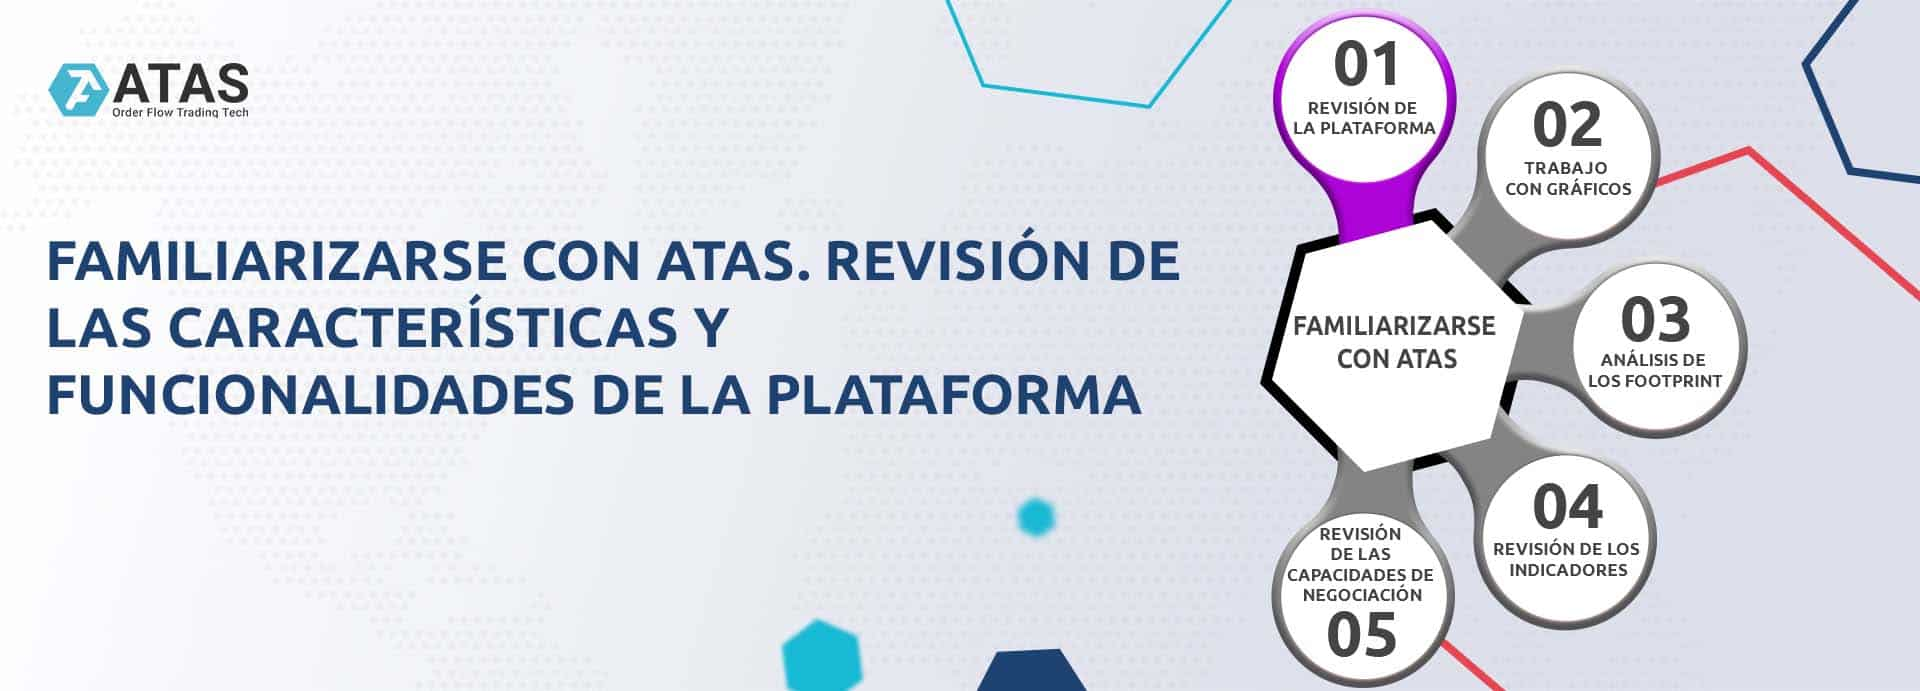 Familiarizarse con ATAS. Revisión de las características y funcionalidades de la plataforma